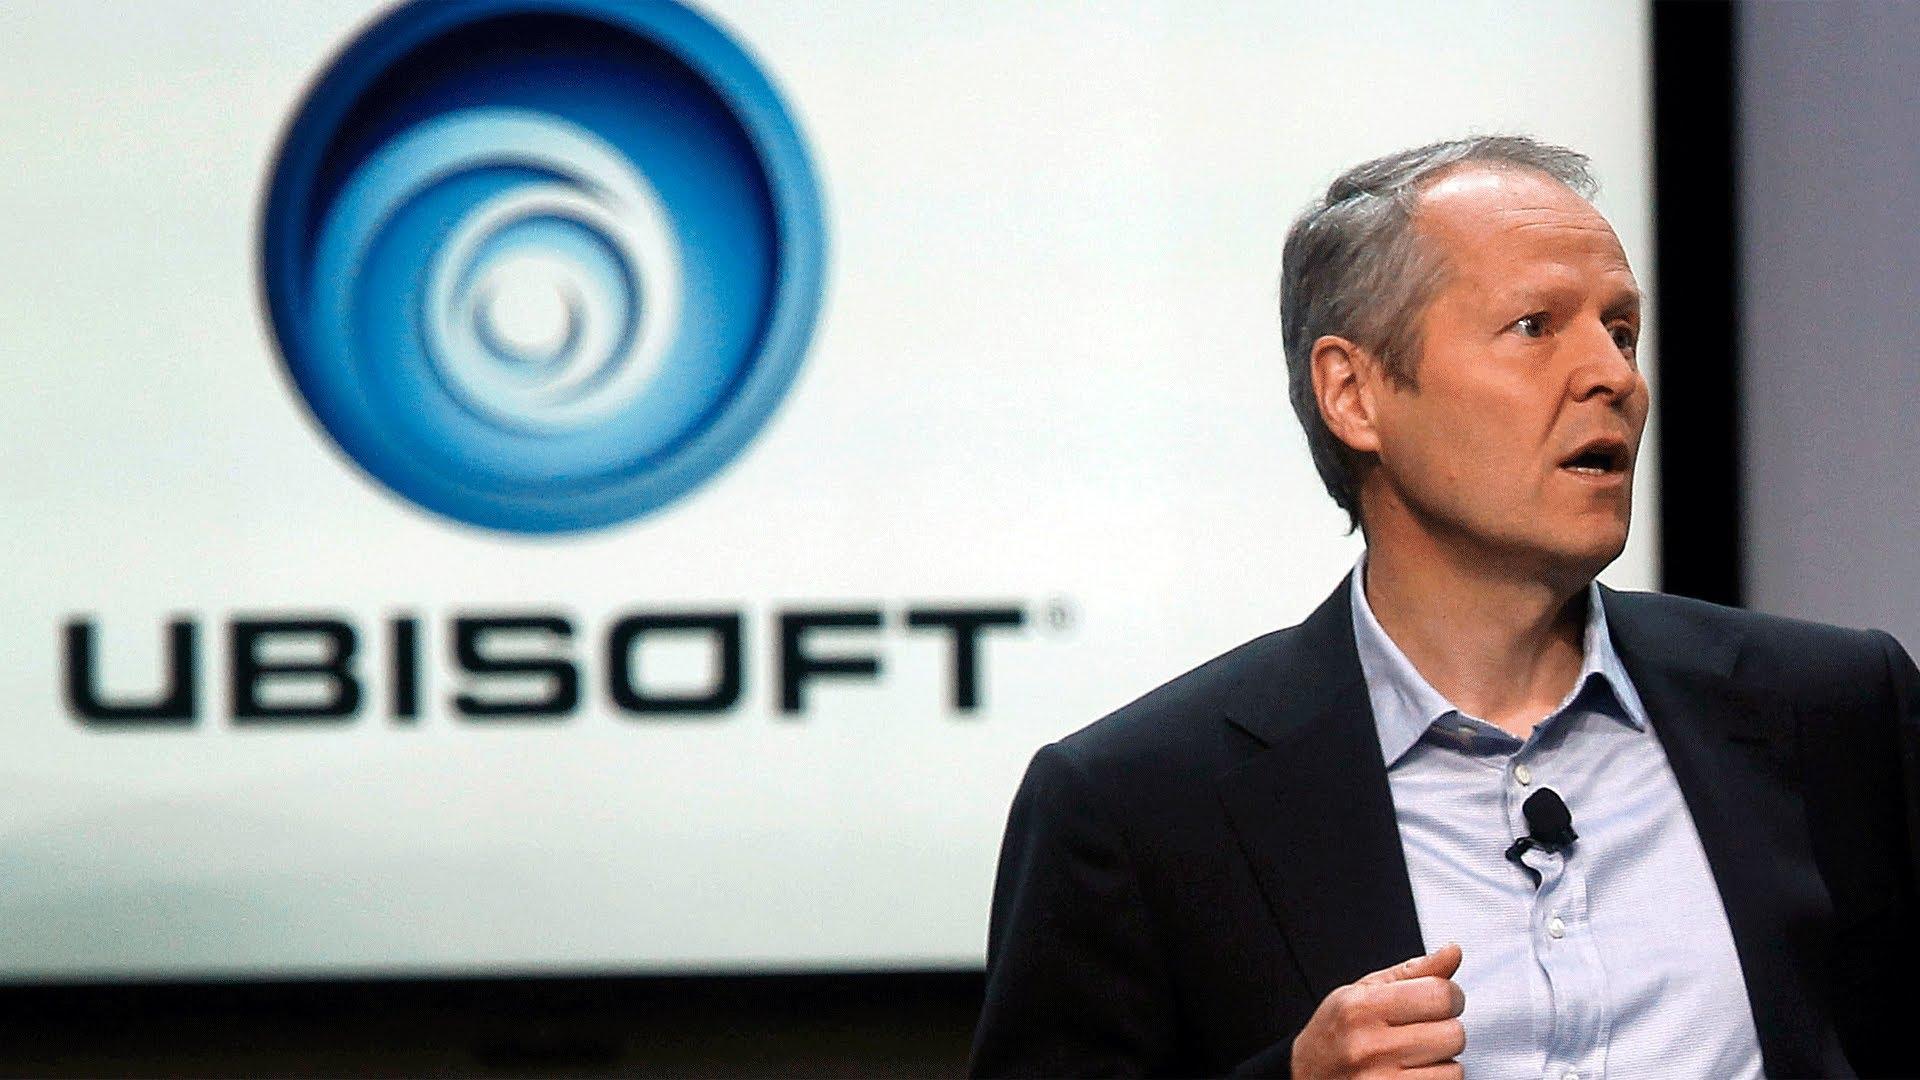 ВUbisoft считают, что будущее застриминговыми сервисами